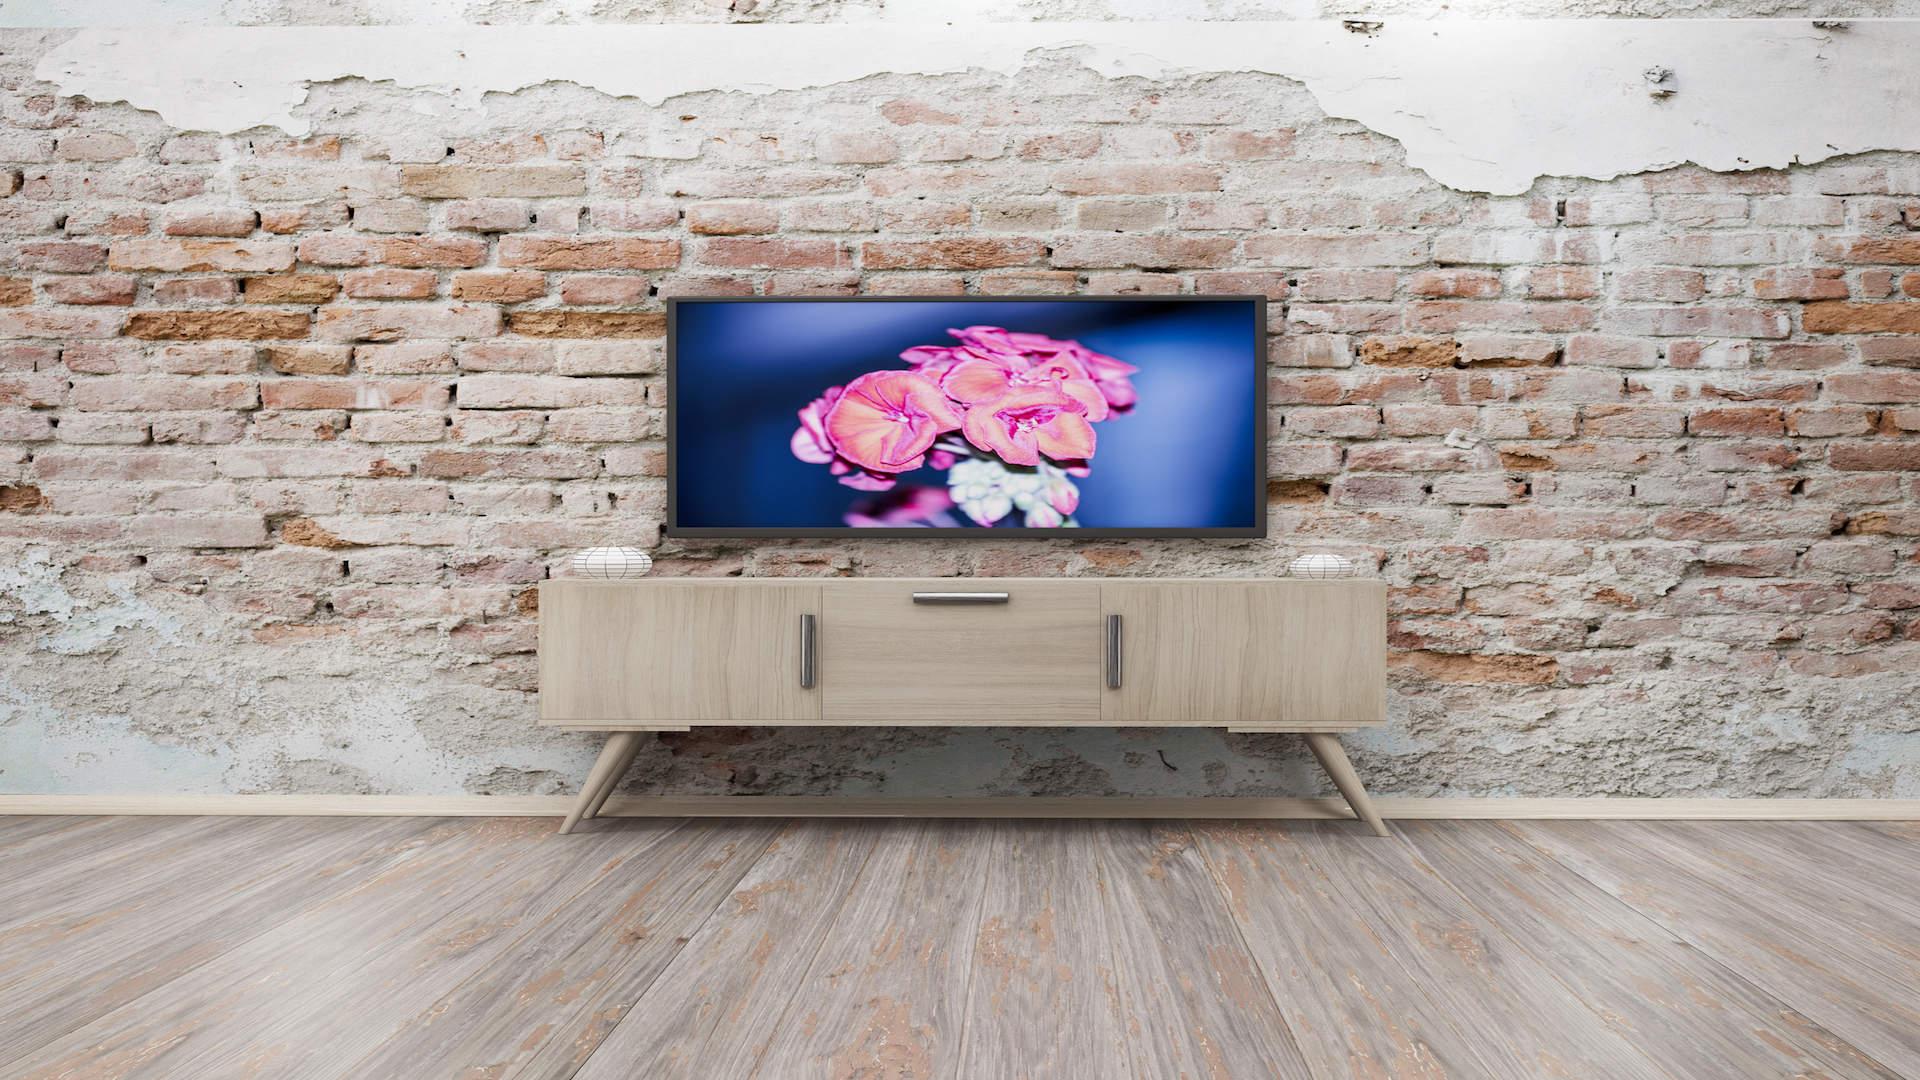 Fixation murale d'un écran TV